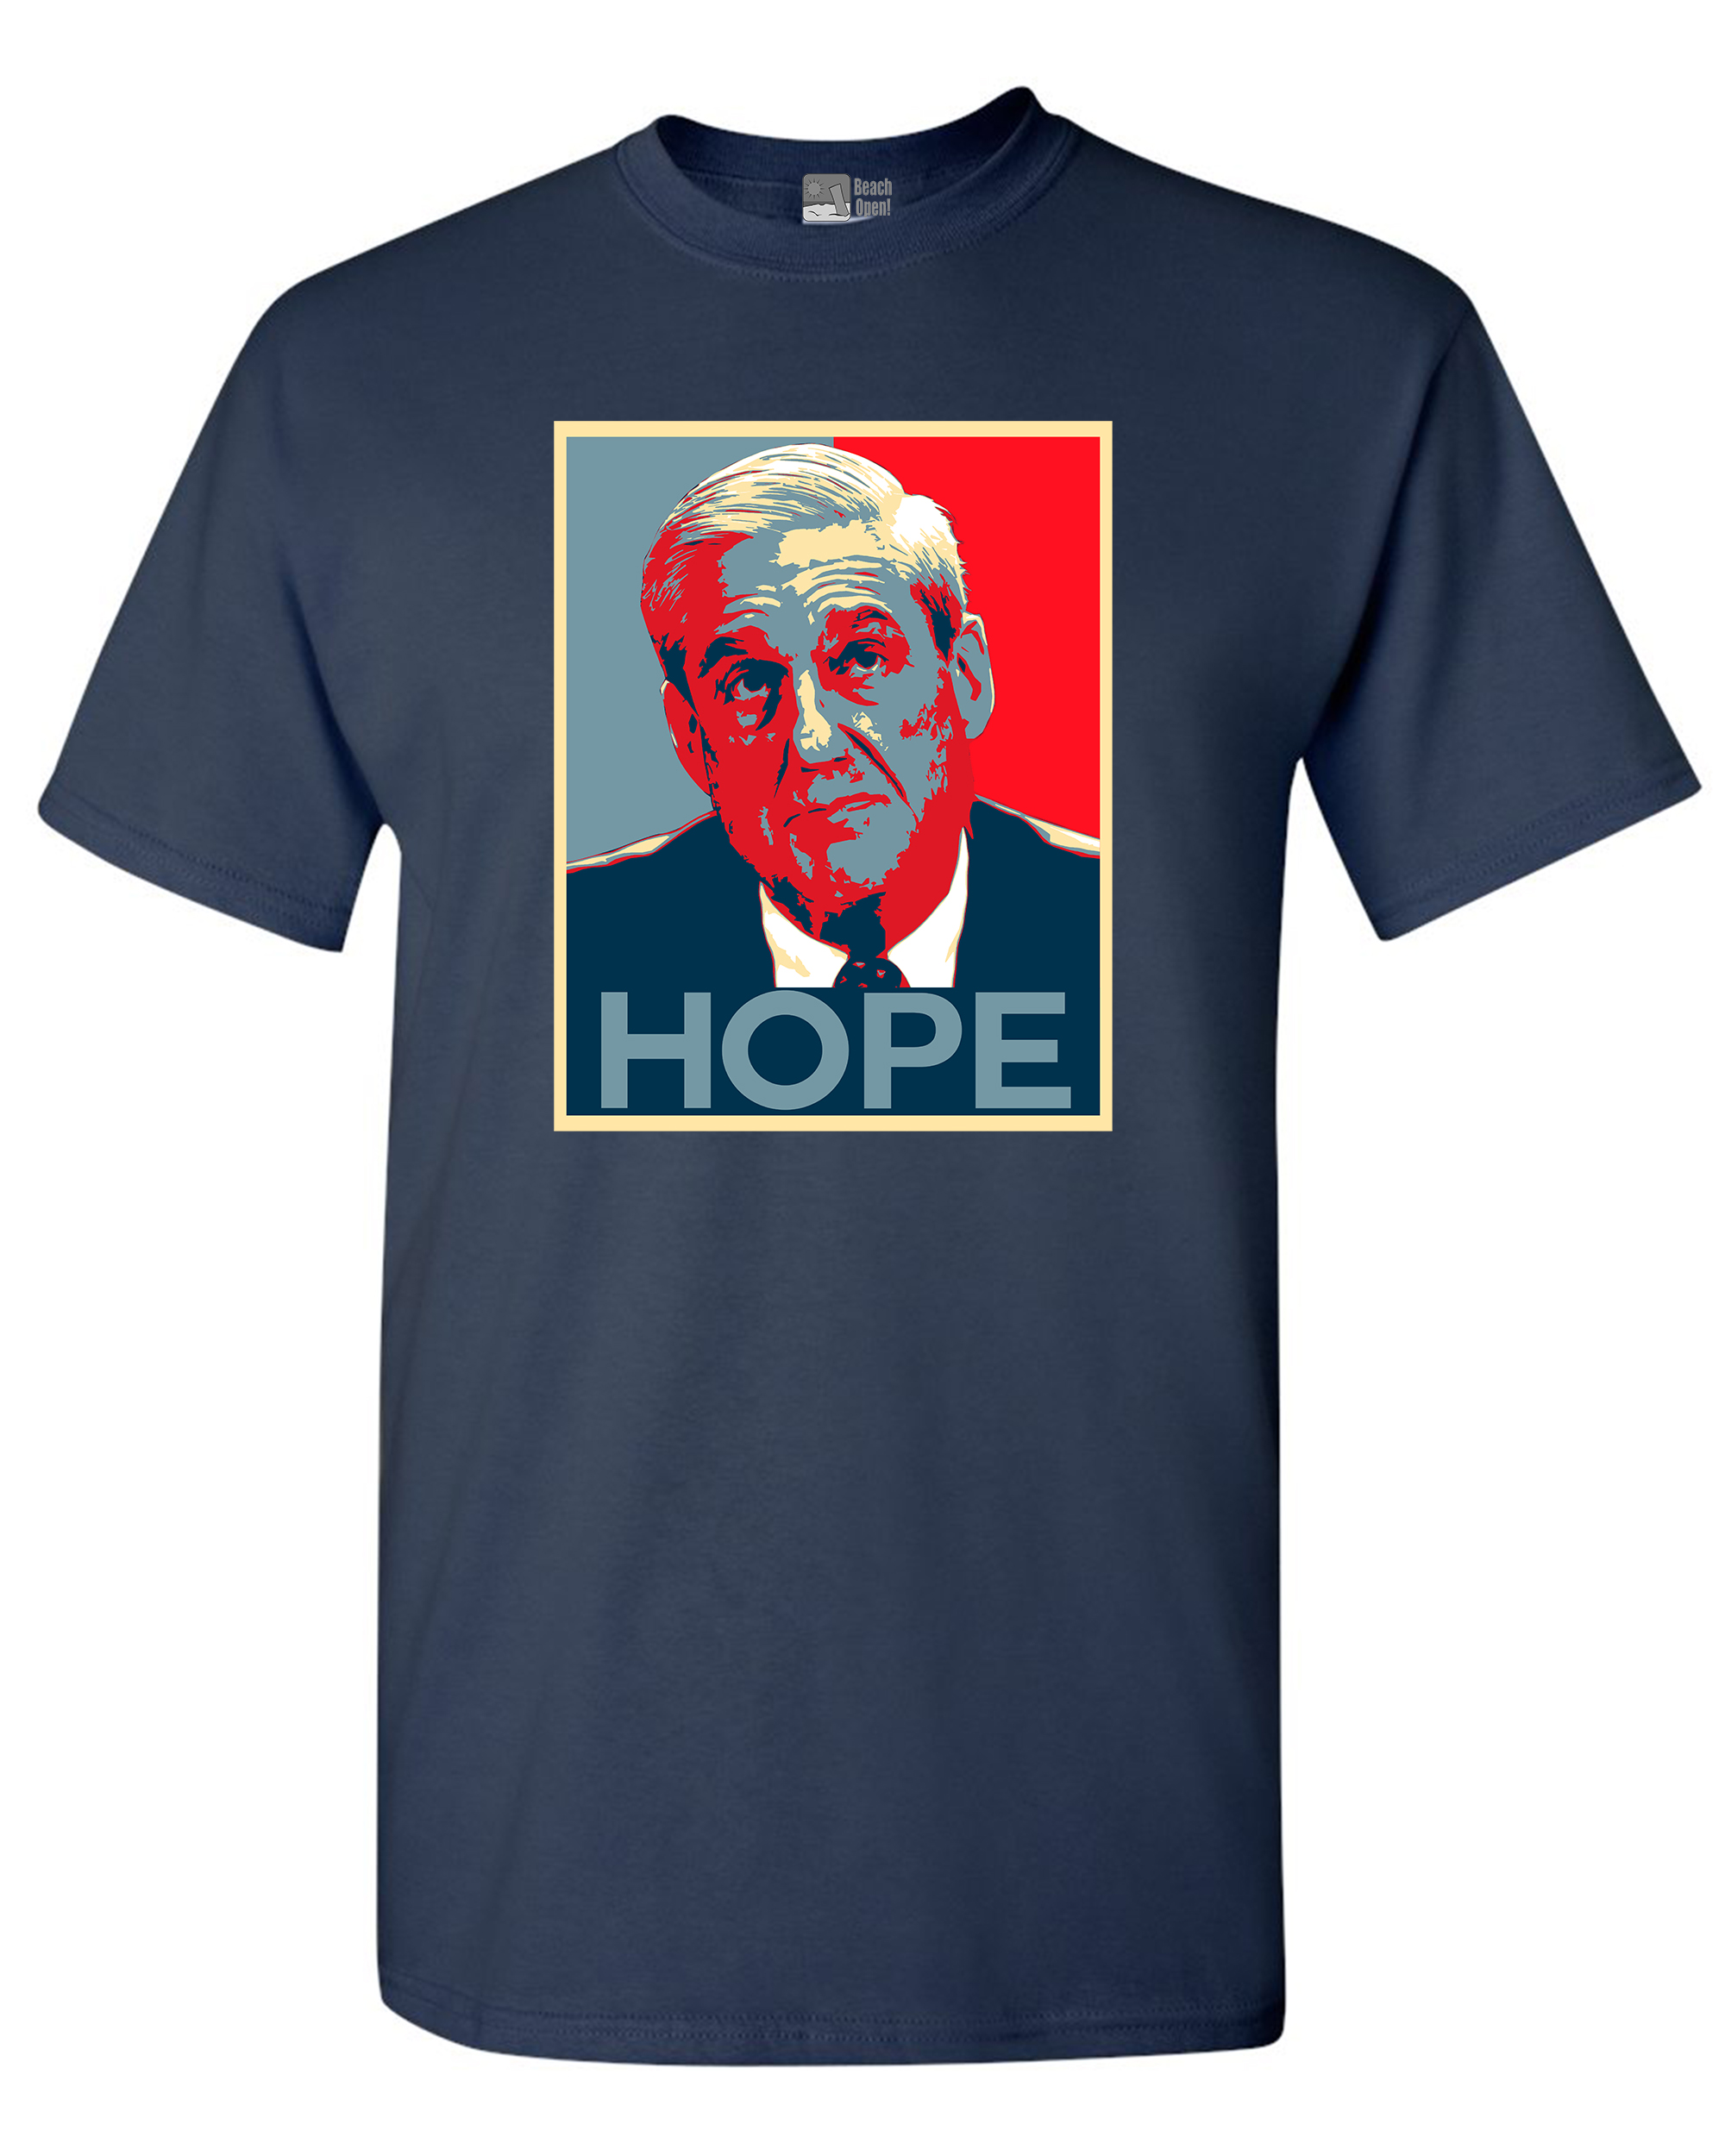 Robert Mueller Hope USA Support Political DT Adult T-Shirt Tee